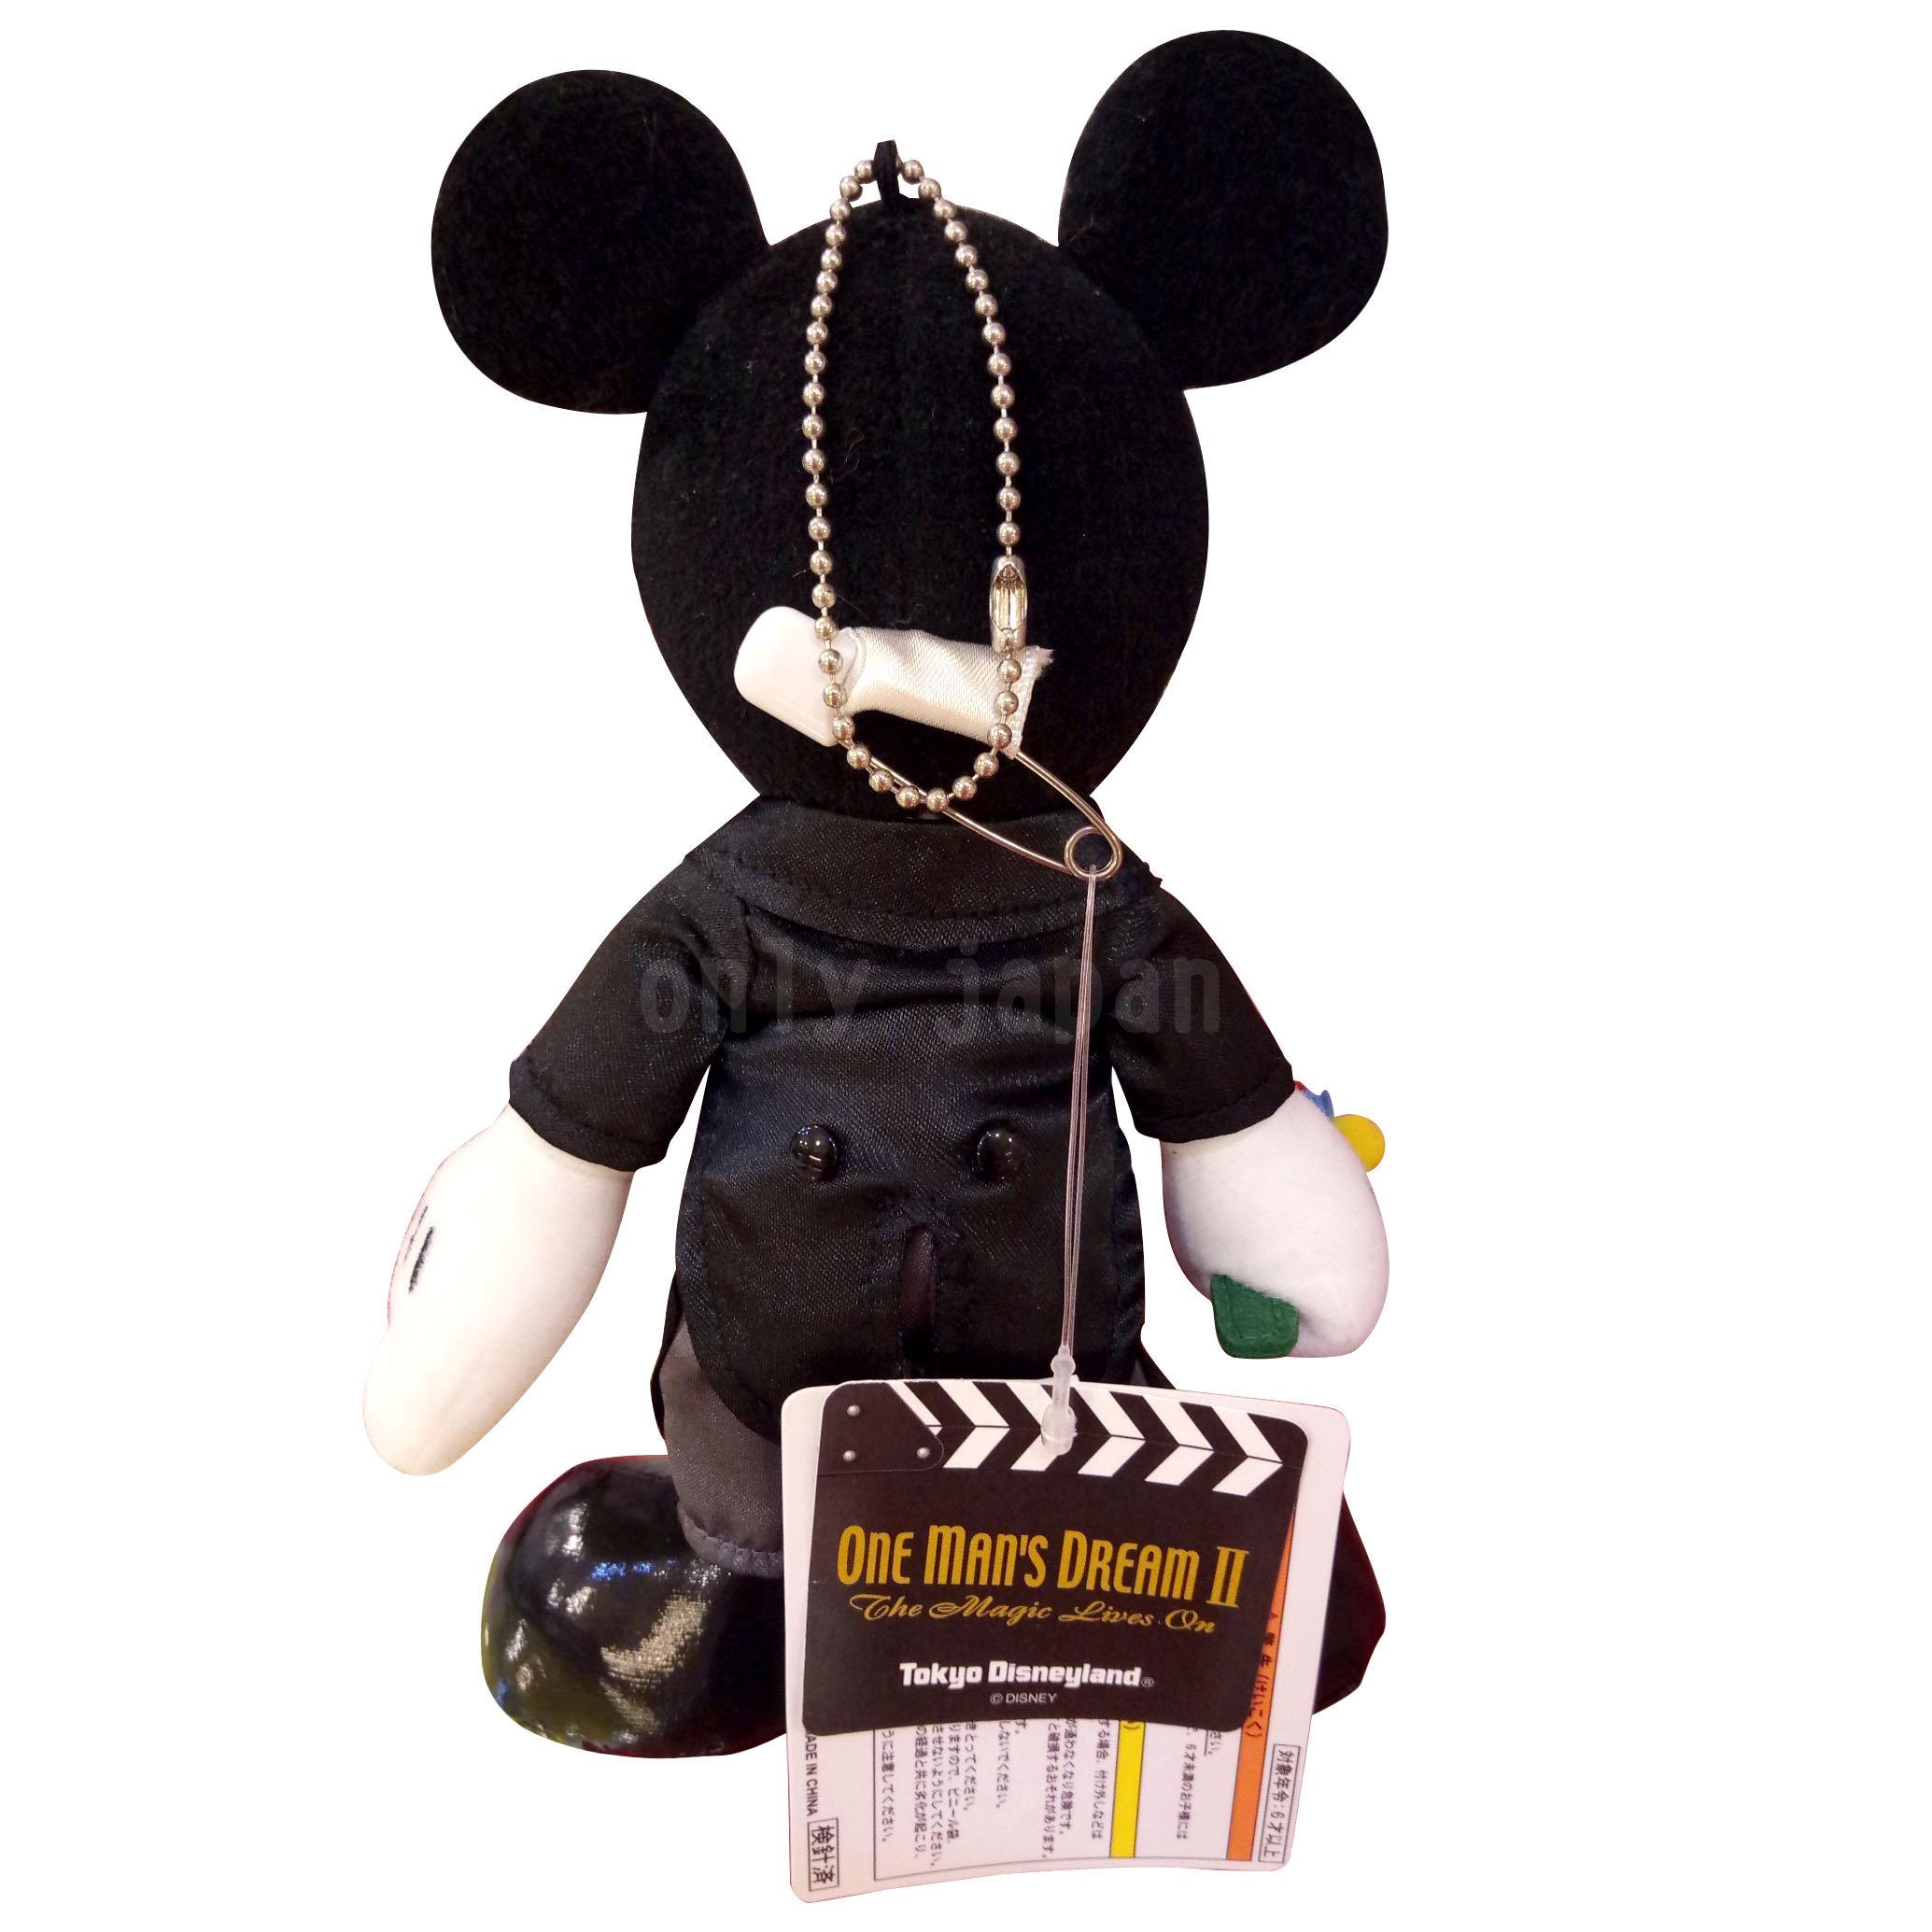 【真愛日本】17052500020 樂園限定歌舞秀珠鏈娃-米奇一個人夢想 迪士尼樂園限定 米奇 米老鼠 歌舞秀 日本帶回